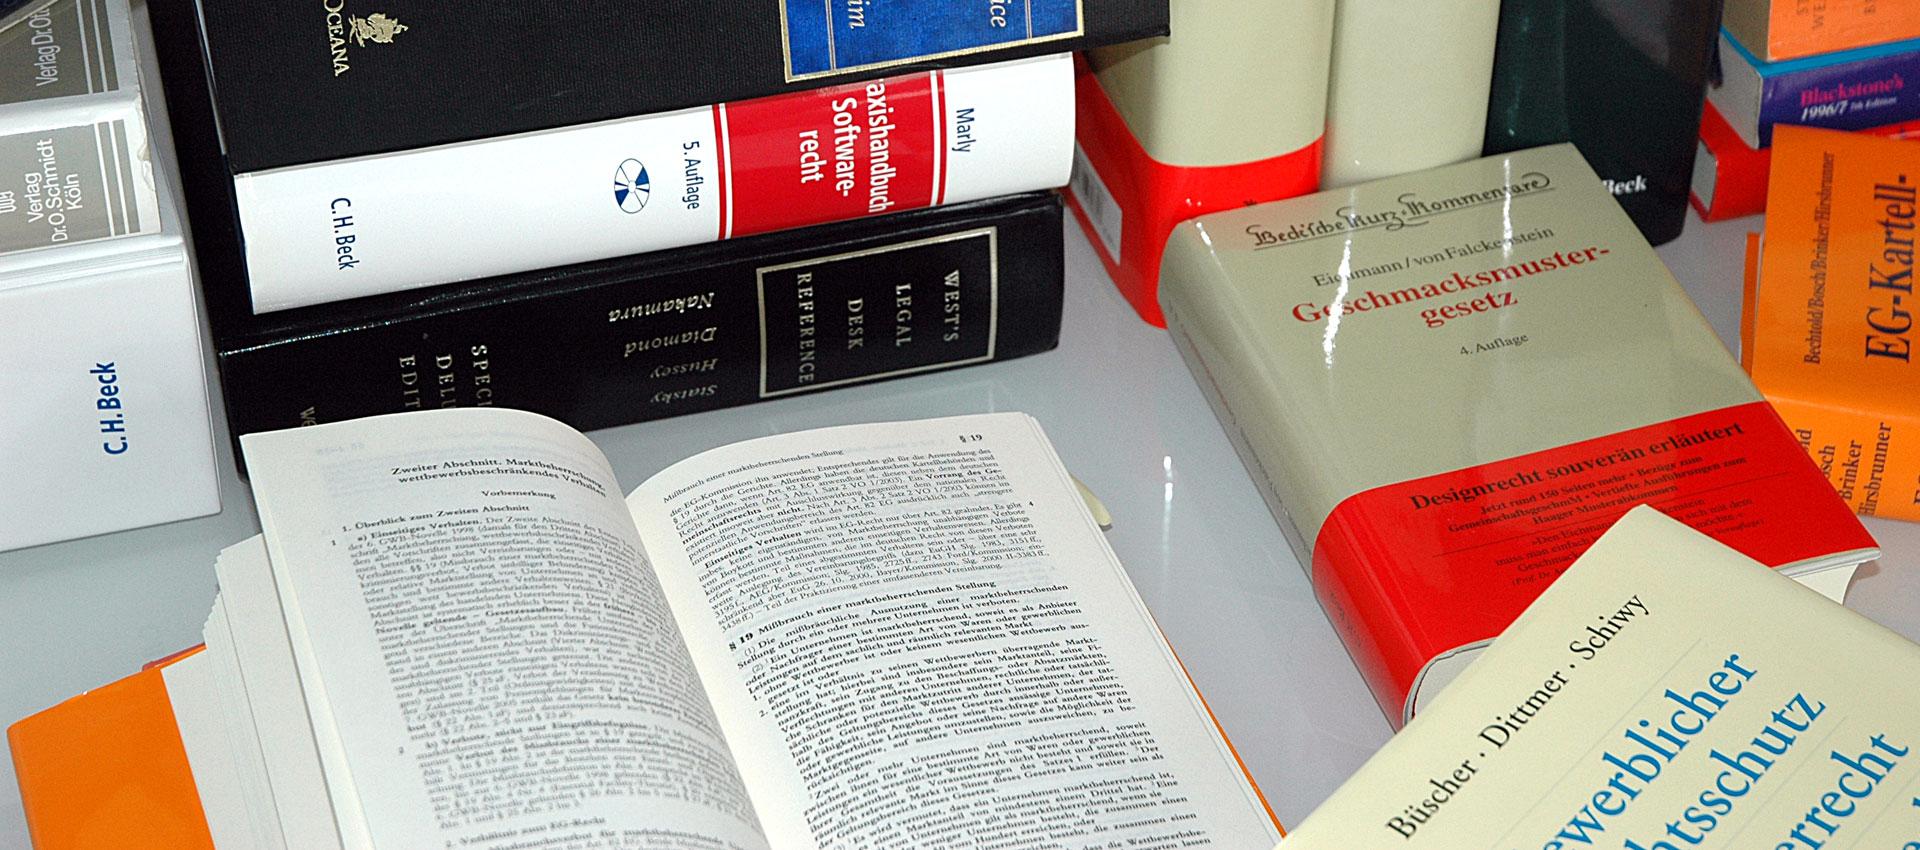 Kanzlei für Diensterfindungen - horak. Rechtsanwälte Hannover - Wir sind Rechtsanwälte/ Fachanwälte/ Patentanwälte für das Gebiet des Diensterfindungens.